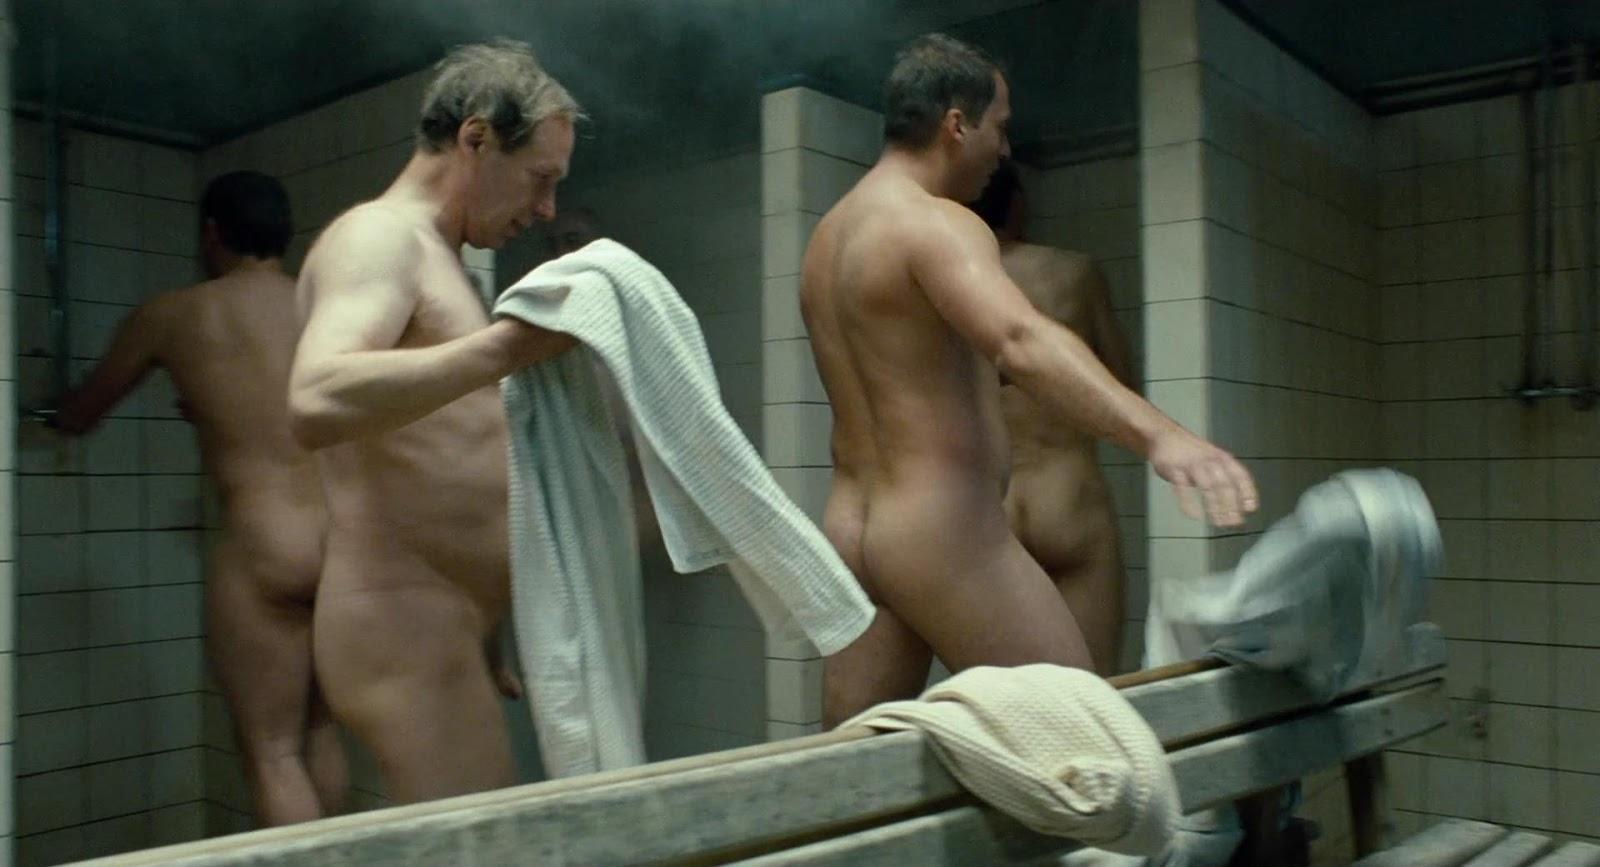 restituda1 s world of male nudity bj rn bengtsson going